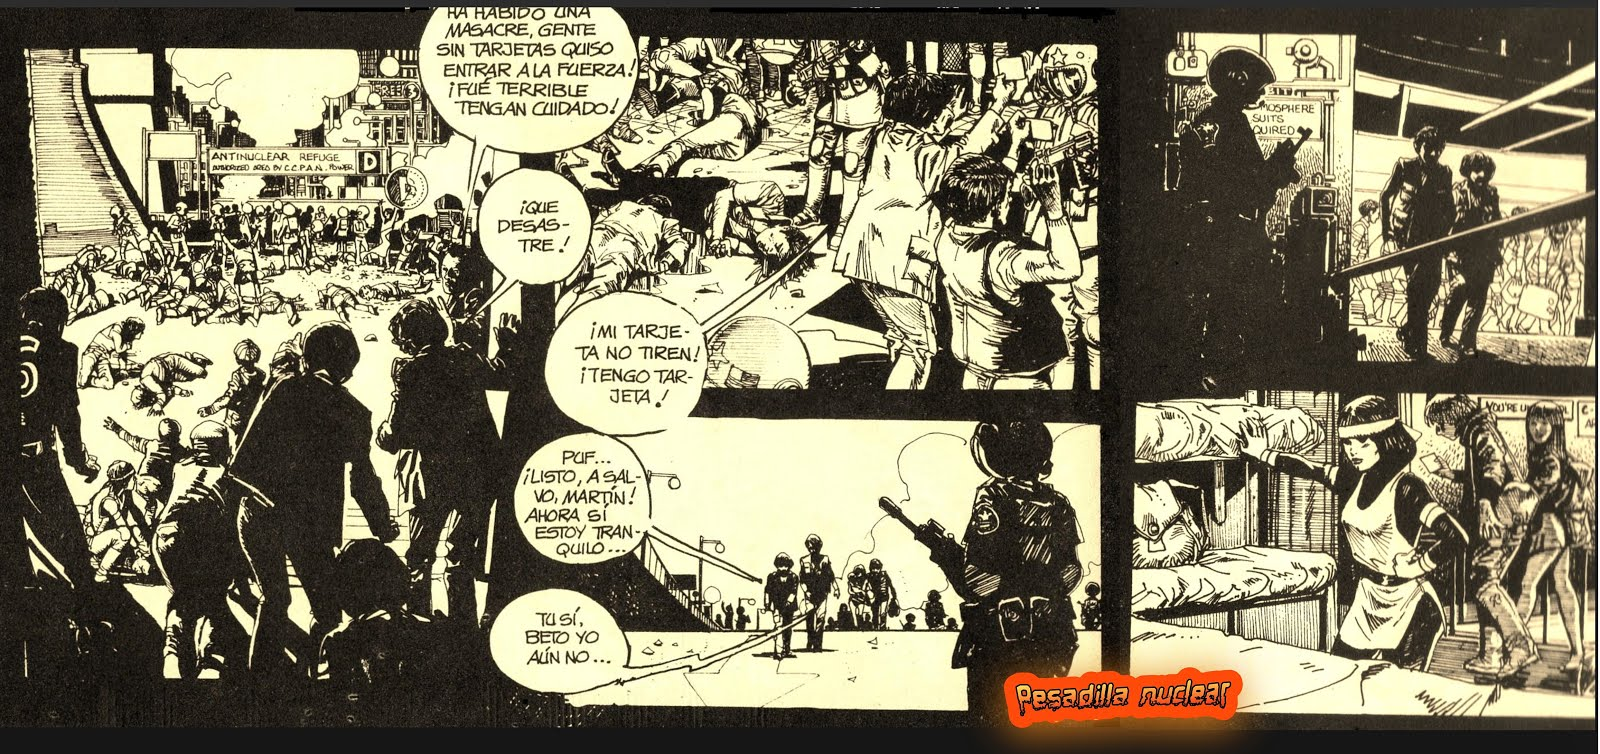 Comics que vaticinan un mundo de pesadilla durante una guerra nuclear...